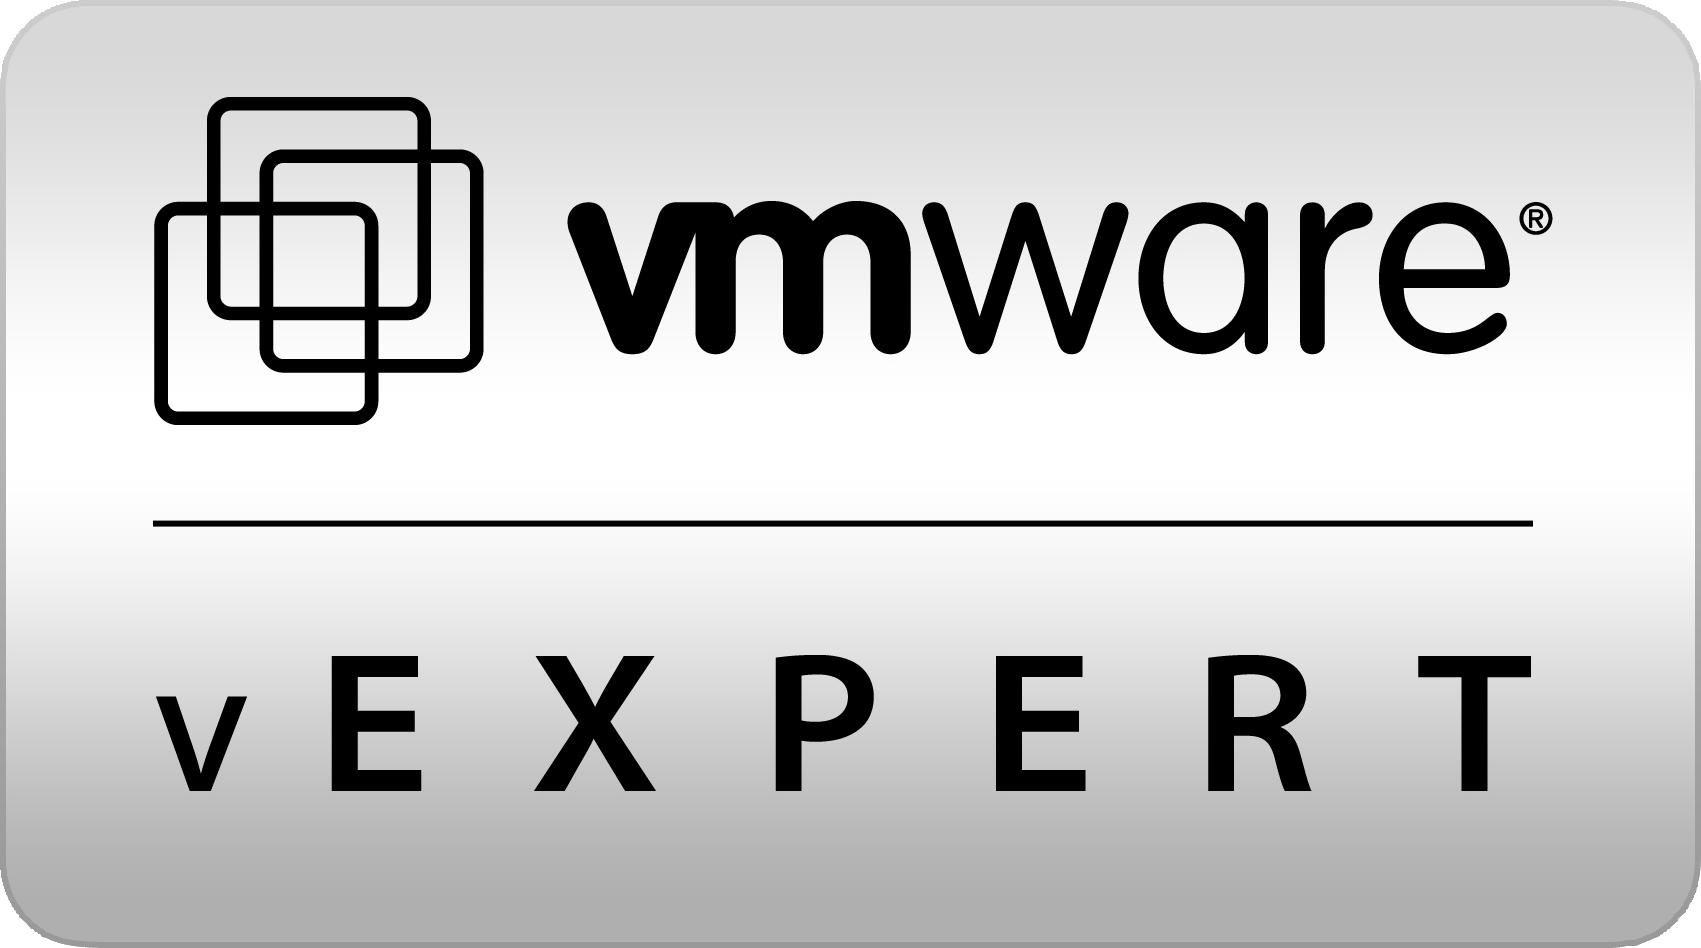 VMware vExpert!